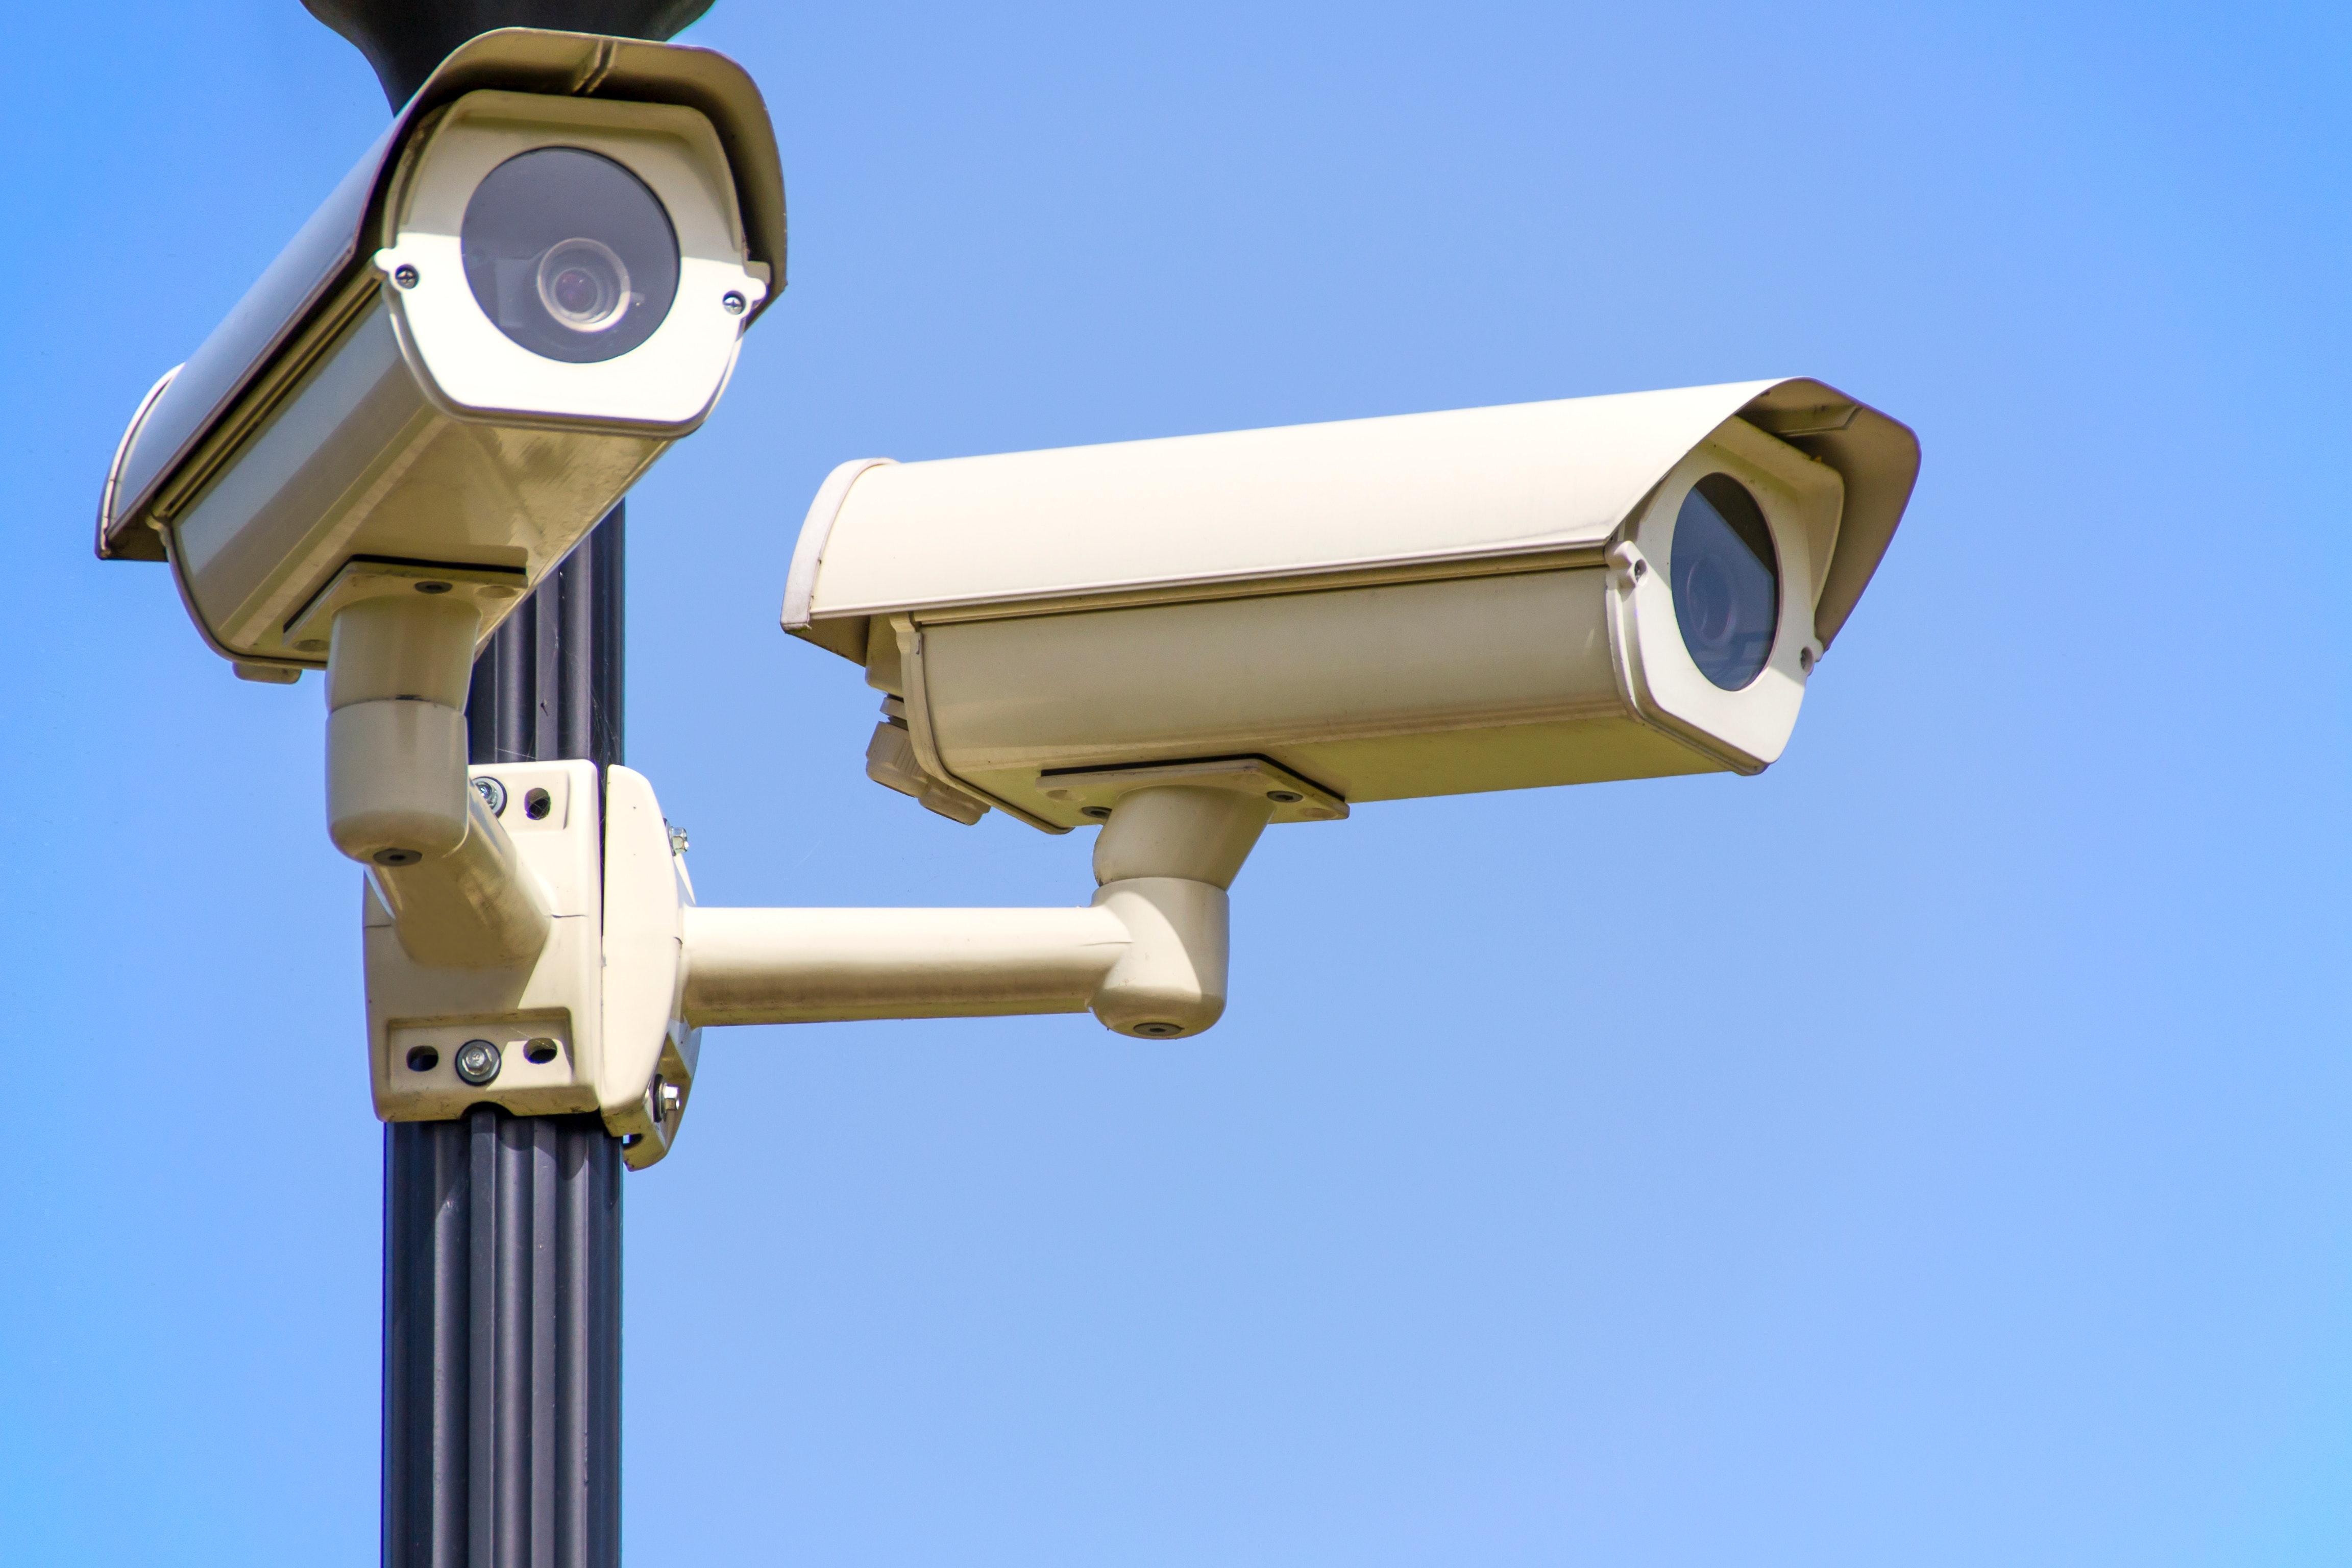 telecamere di sorveglianza, sistemi di sicurezza, cuneo